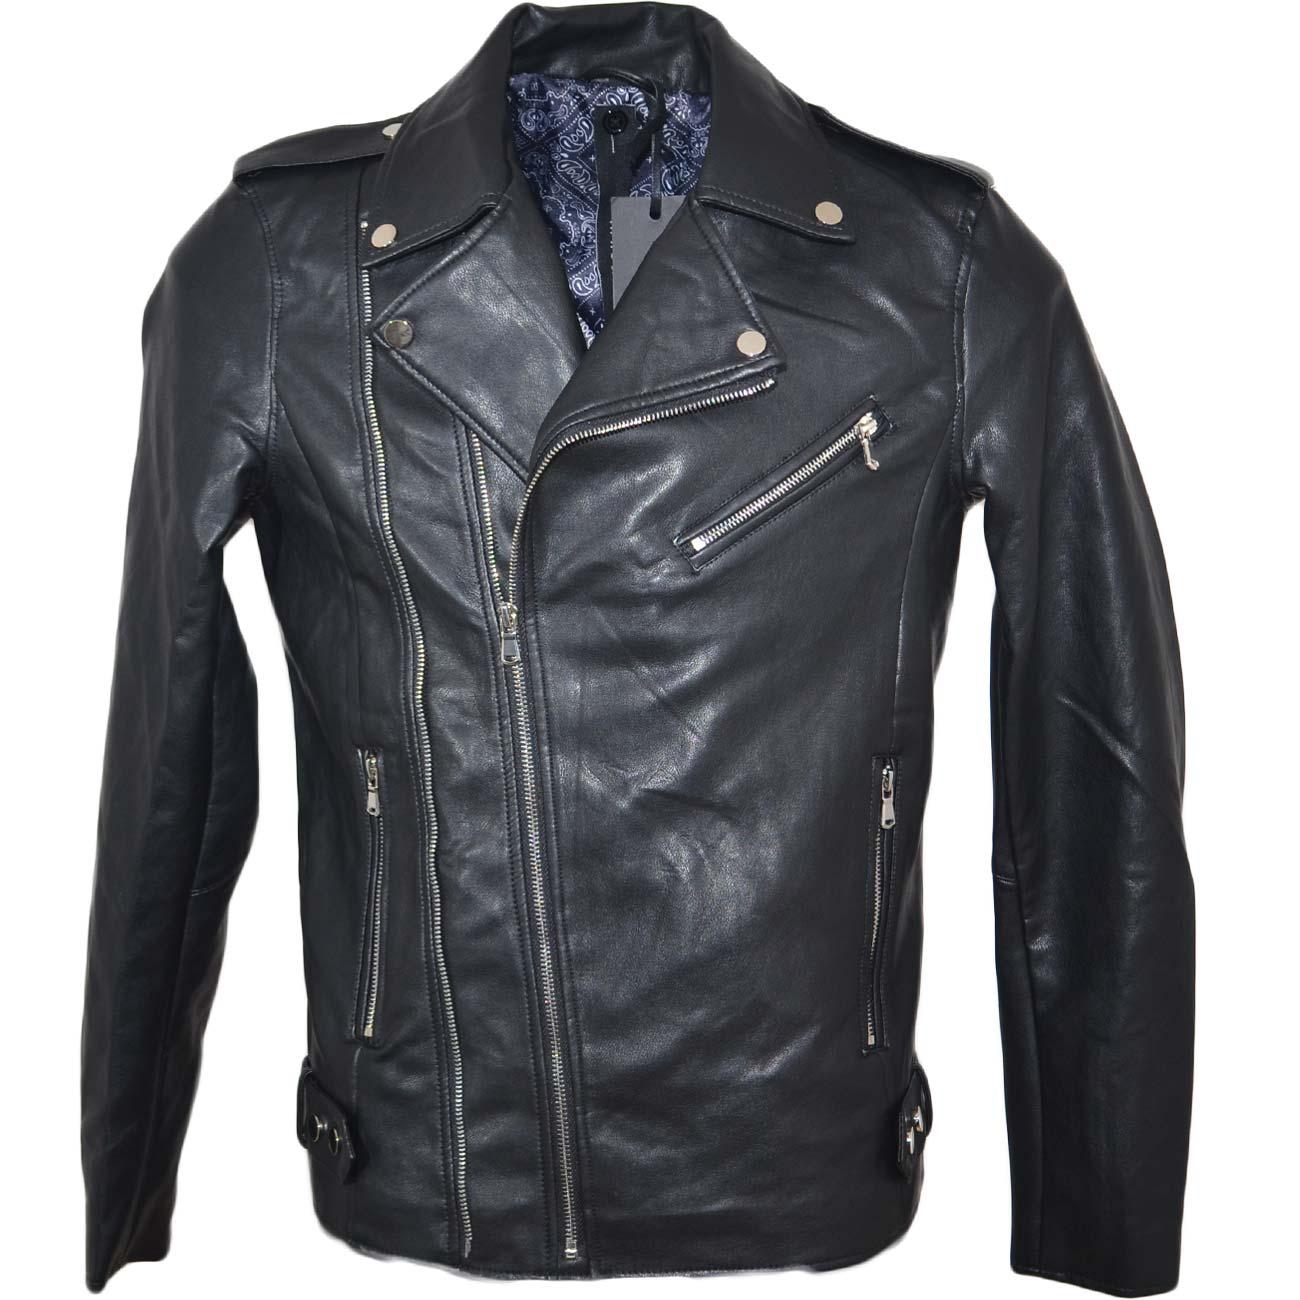 newest 6ac5a 0a511 Chiodo giacca uomo di pelle ecologica nero con ganci argento vestibilita'  slim moda basic trend uomo giubbini in pelle Malu Shoes | MaluShoes